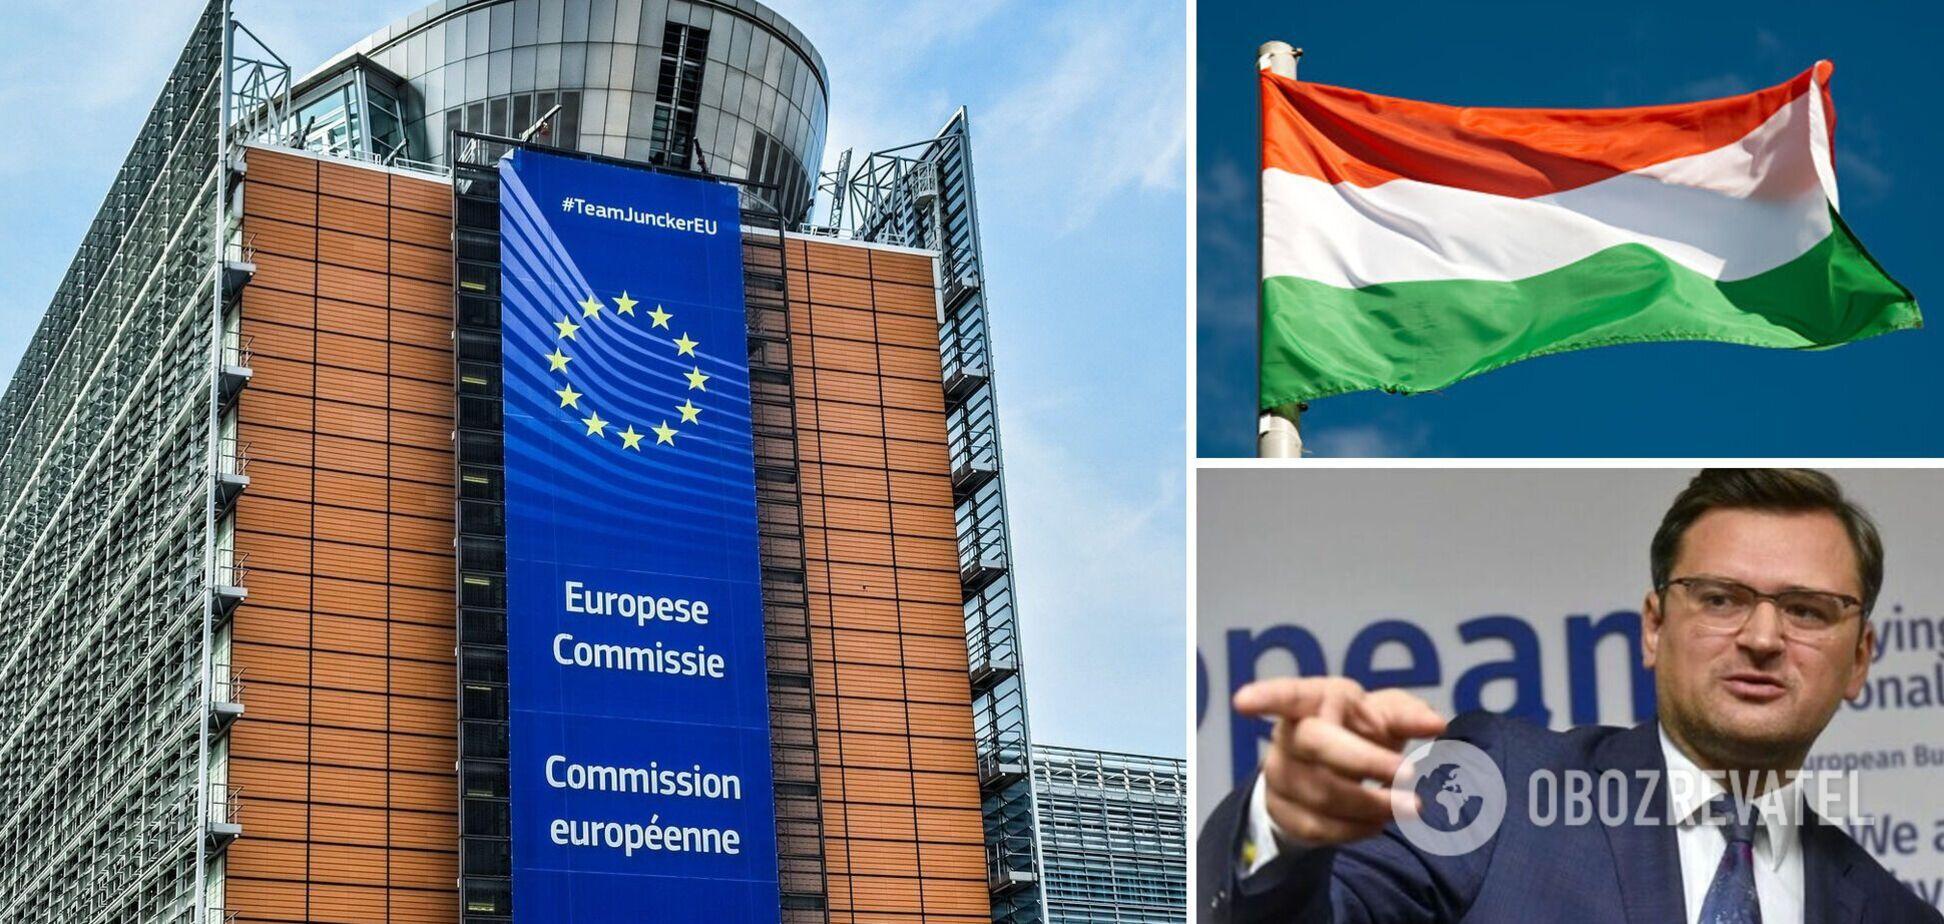 В ЕС решили проверить контракт между 'Газпромом' и Венгрией